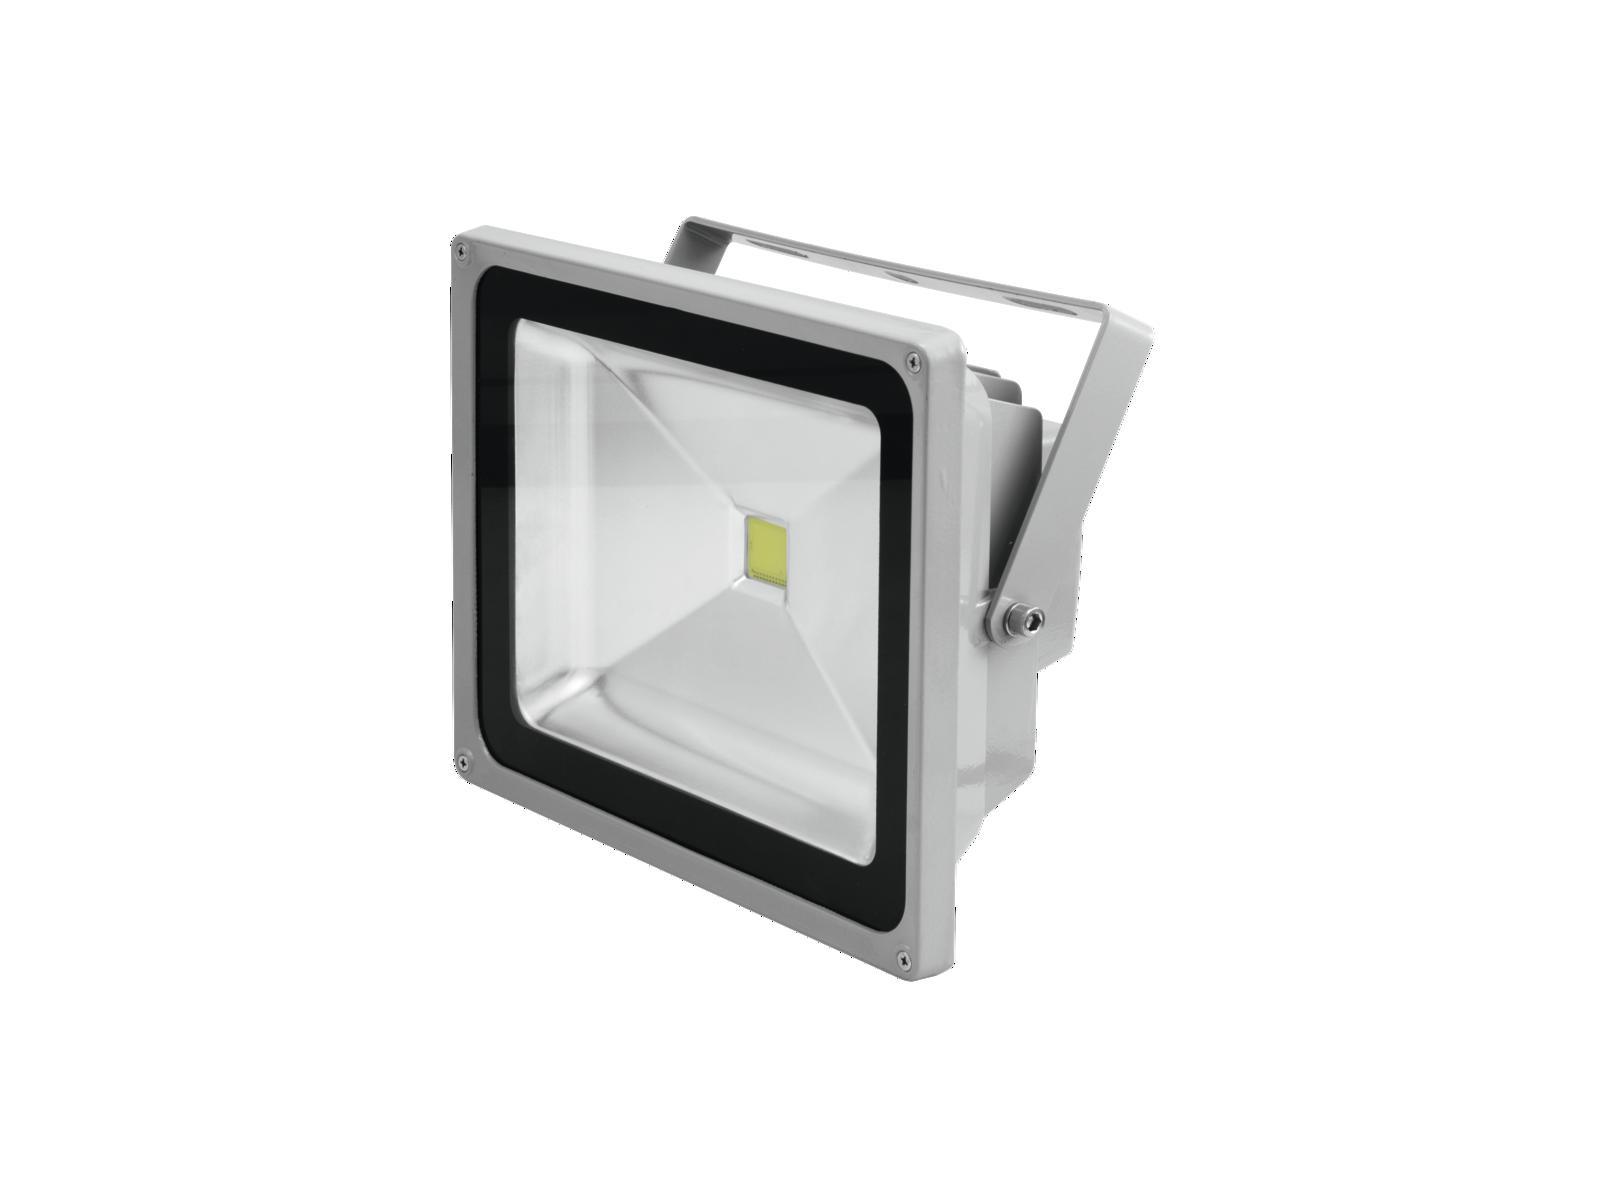 eurolite-led-ip-fl-30-cob-6400k-120a-classic